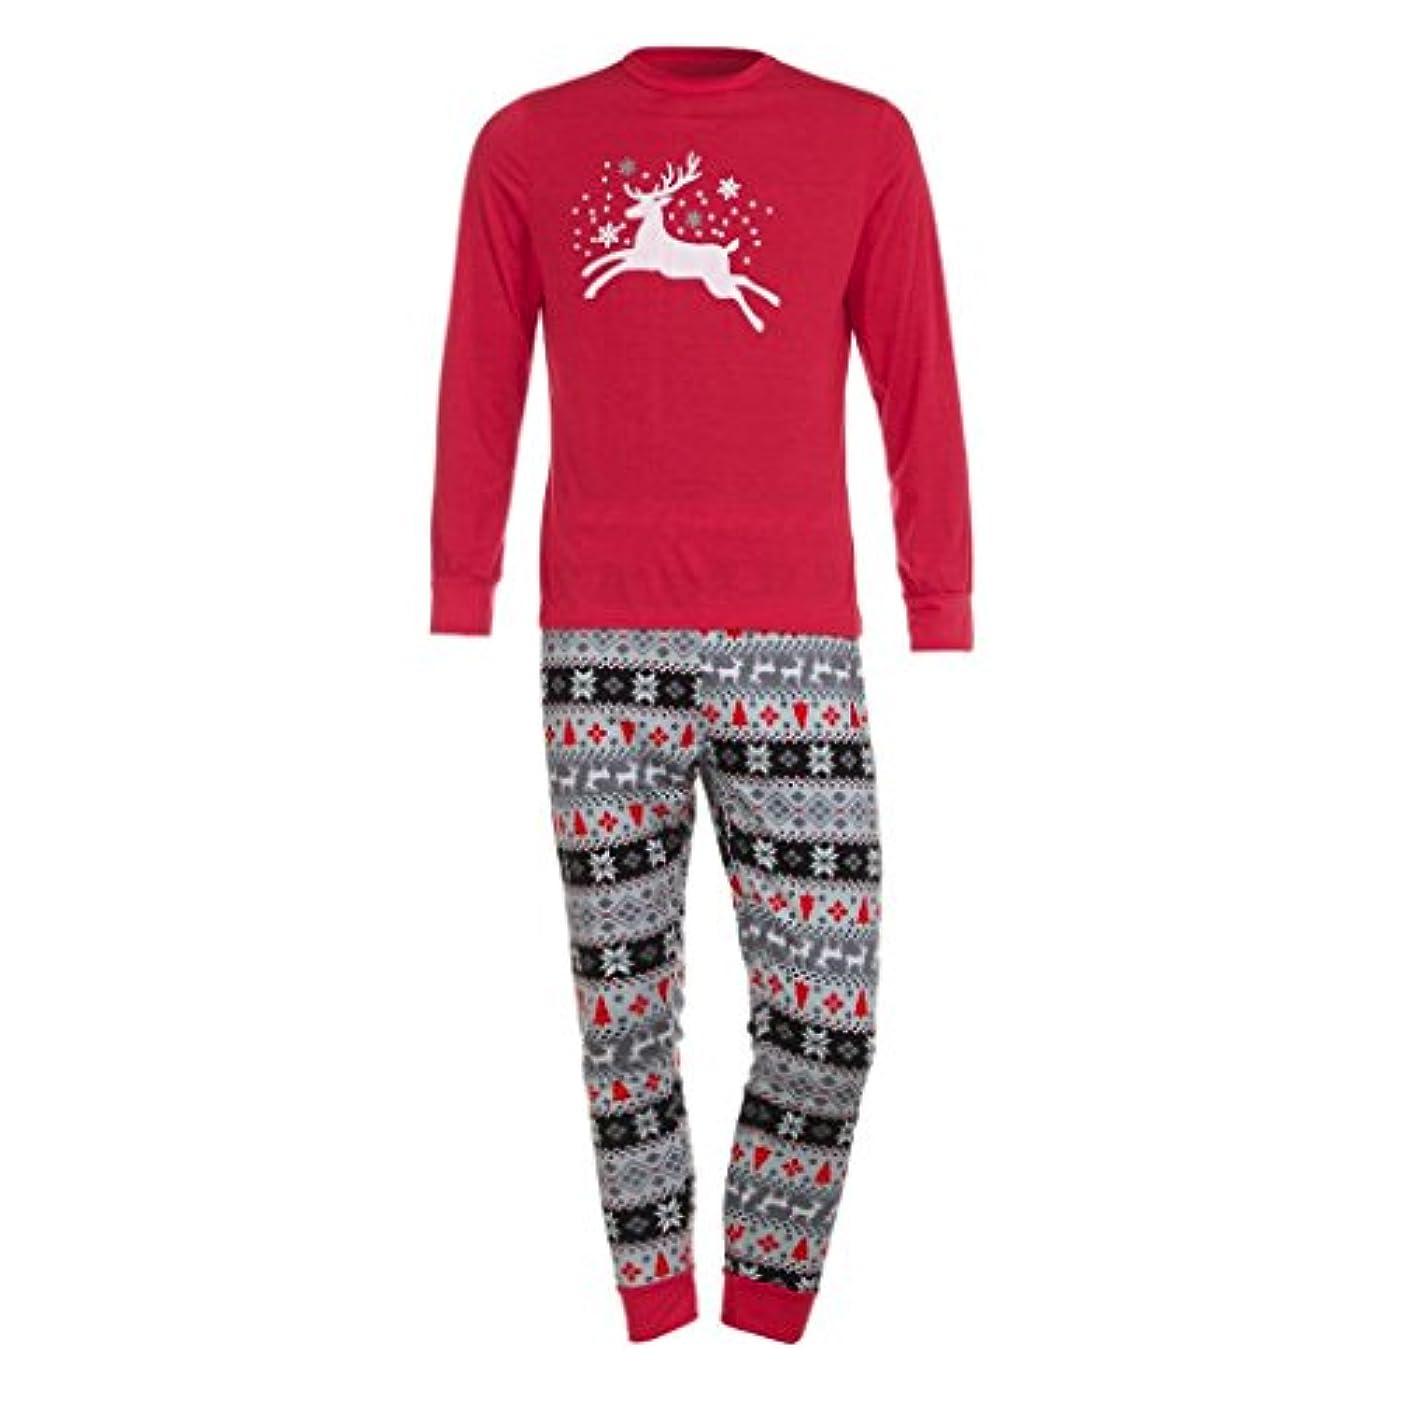 コショウ慣性引用ファミリMatchingパジャマセットクリスマス鹿Tシャツトップスブラウスパンツfor the Family (メンズ) L グレイ TZZ70703662